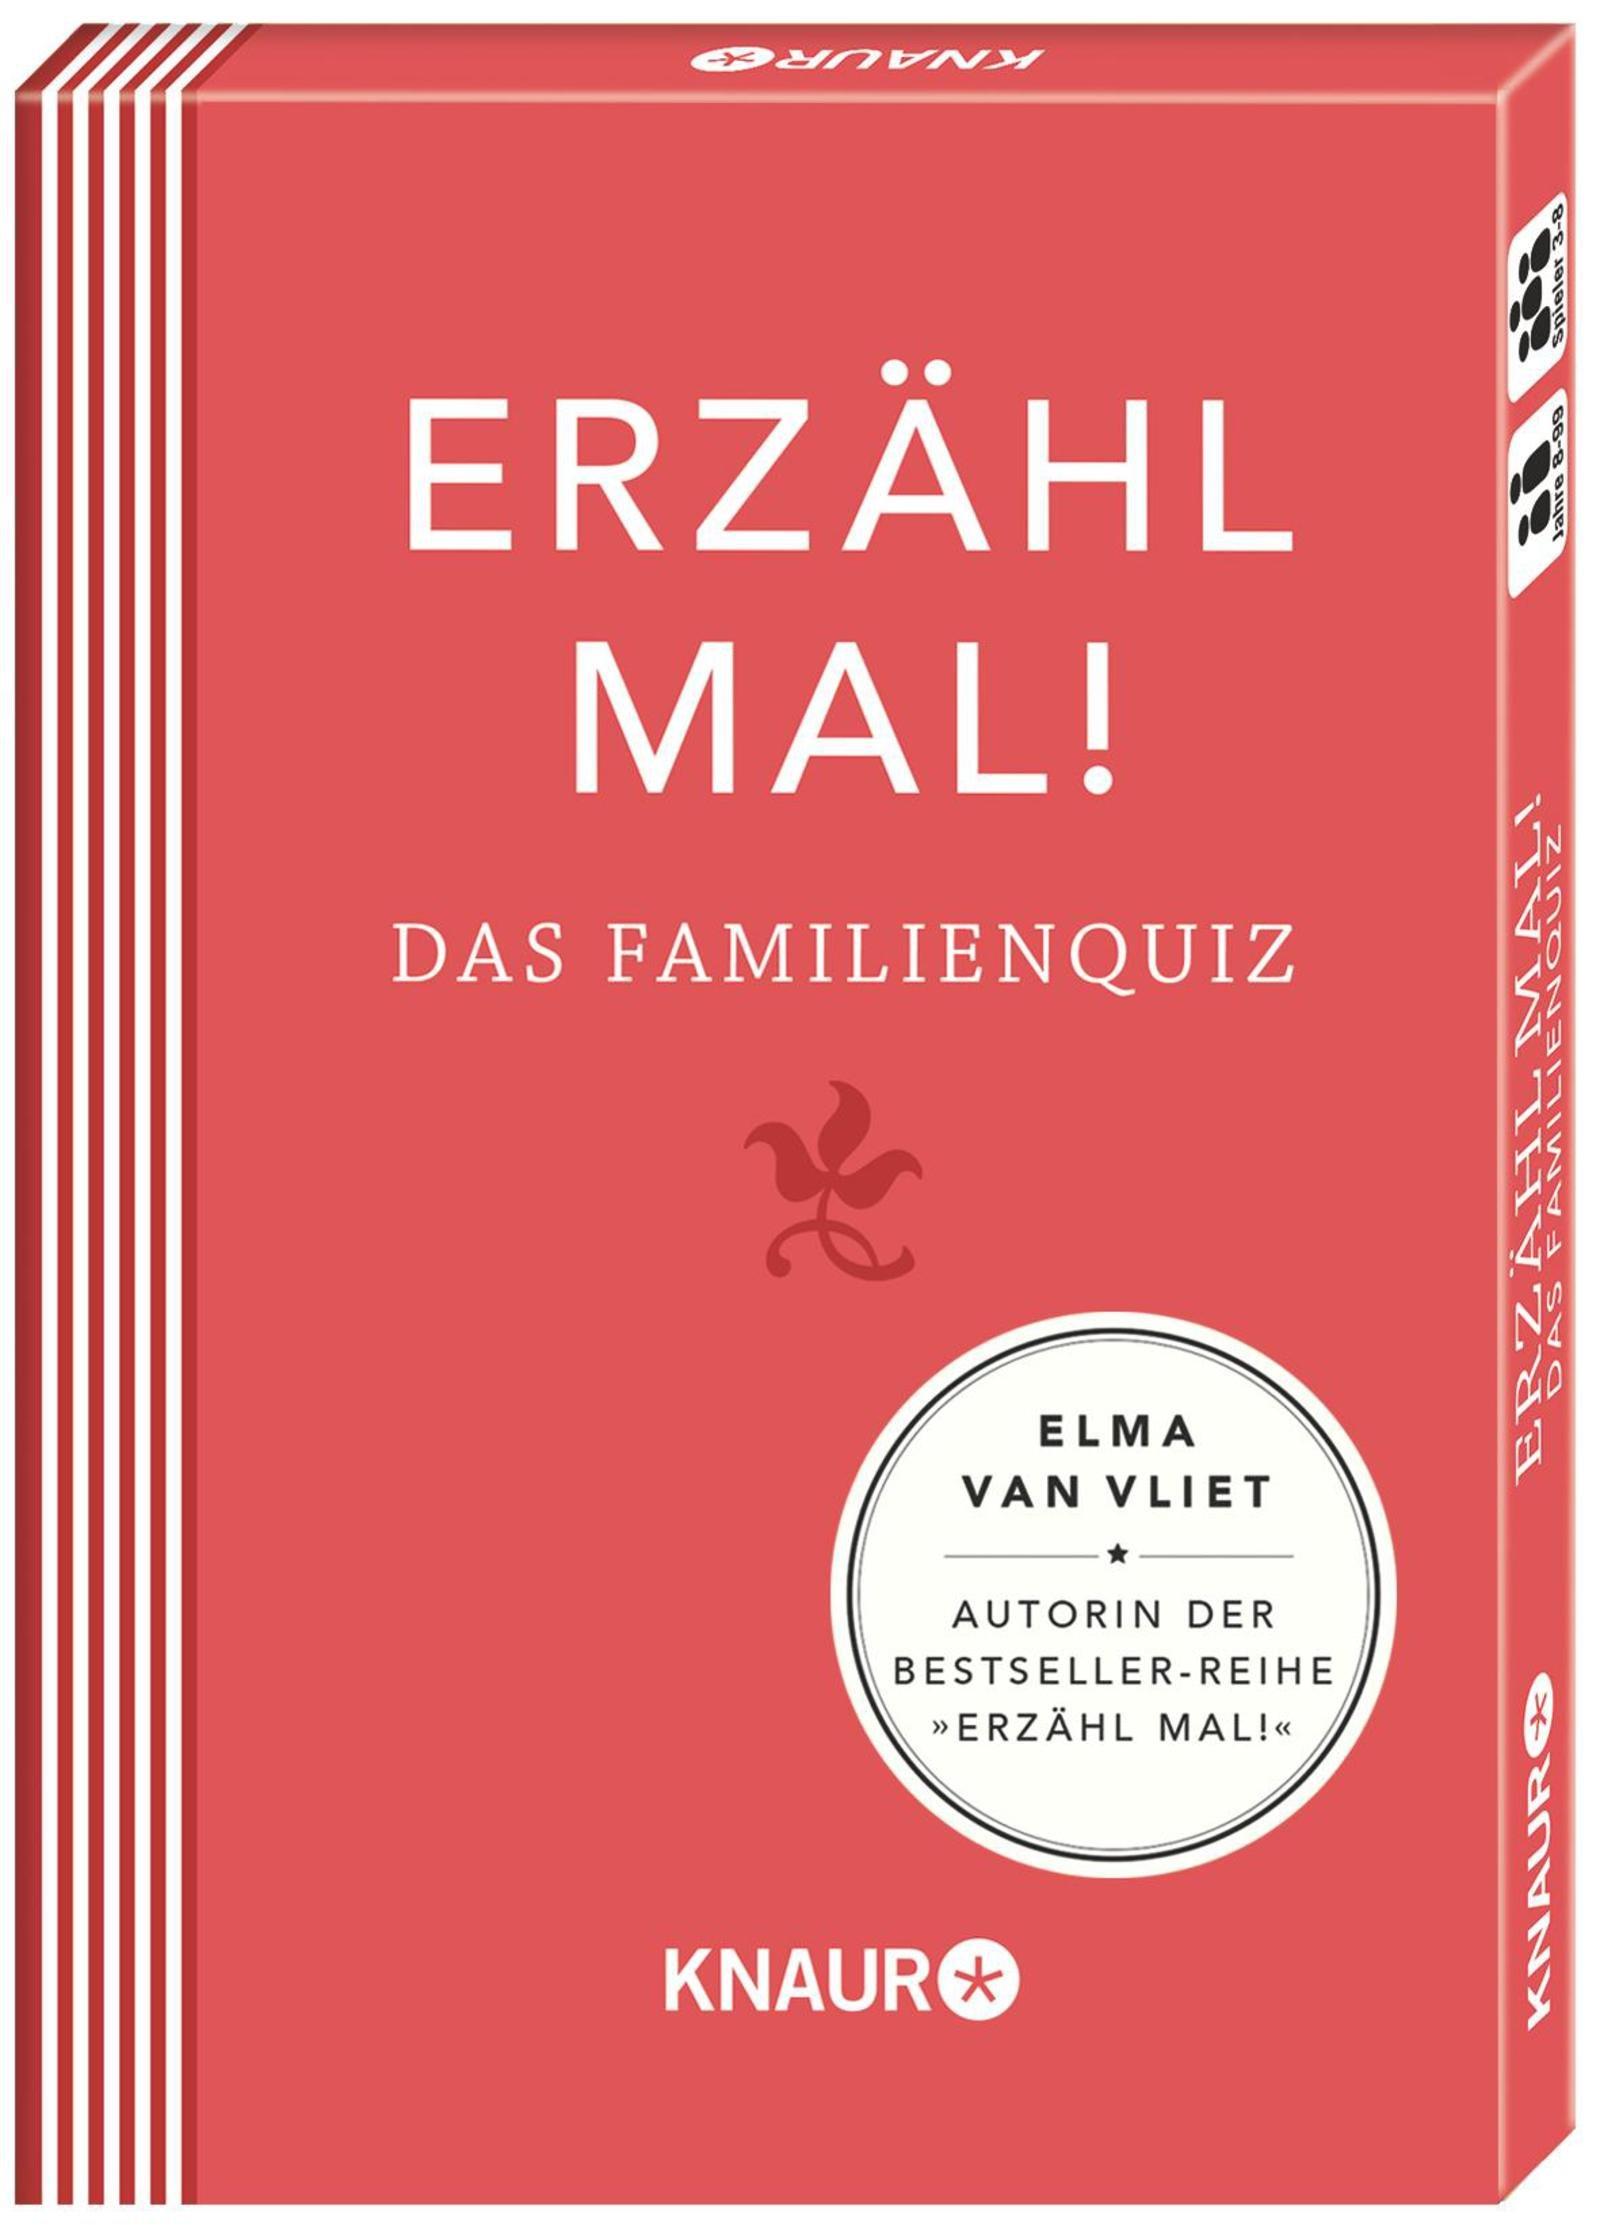 Erzähl mal! Das Familienquiz | Elma van Vliet Spielzeug – 1. Oktober 2014 Ilka Heinemann Matthias Kuhlemann Knaur HC B00L3RWW5A